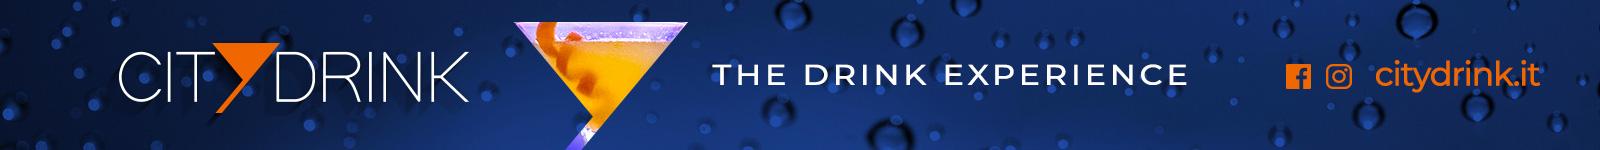 city drink fascione